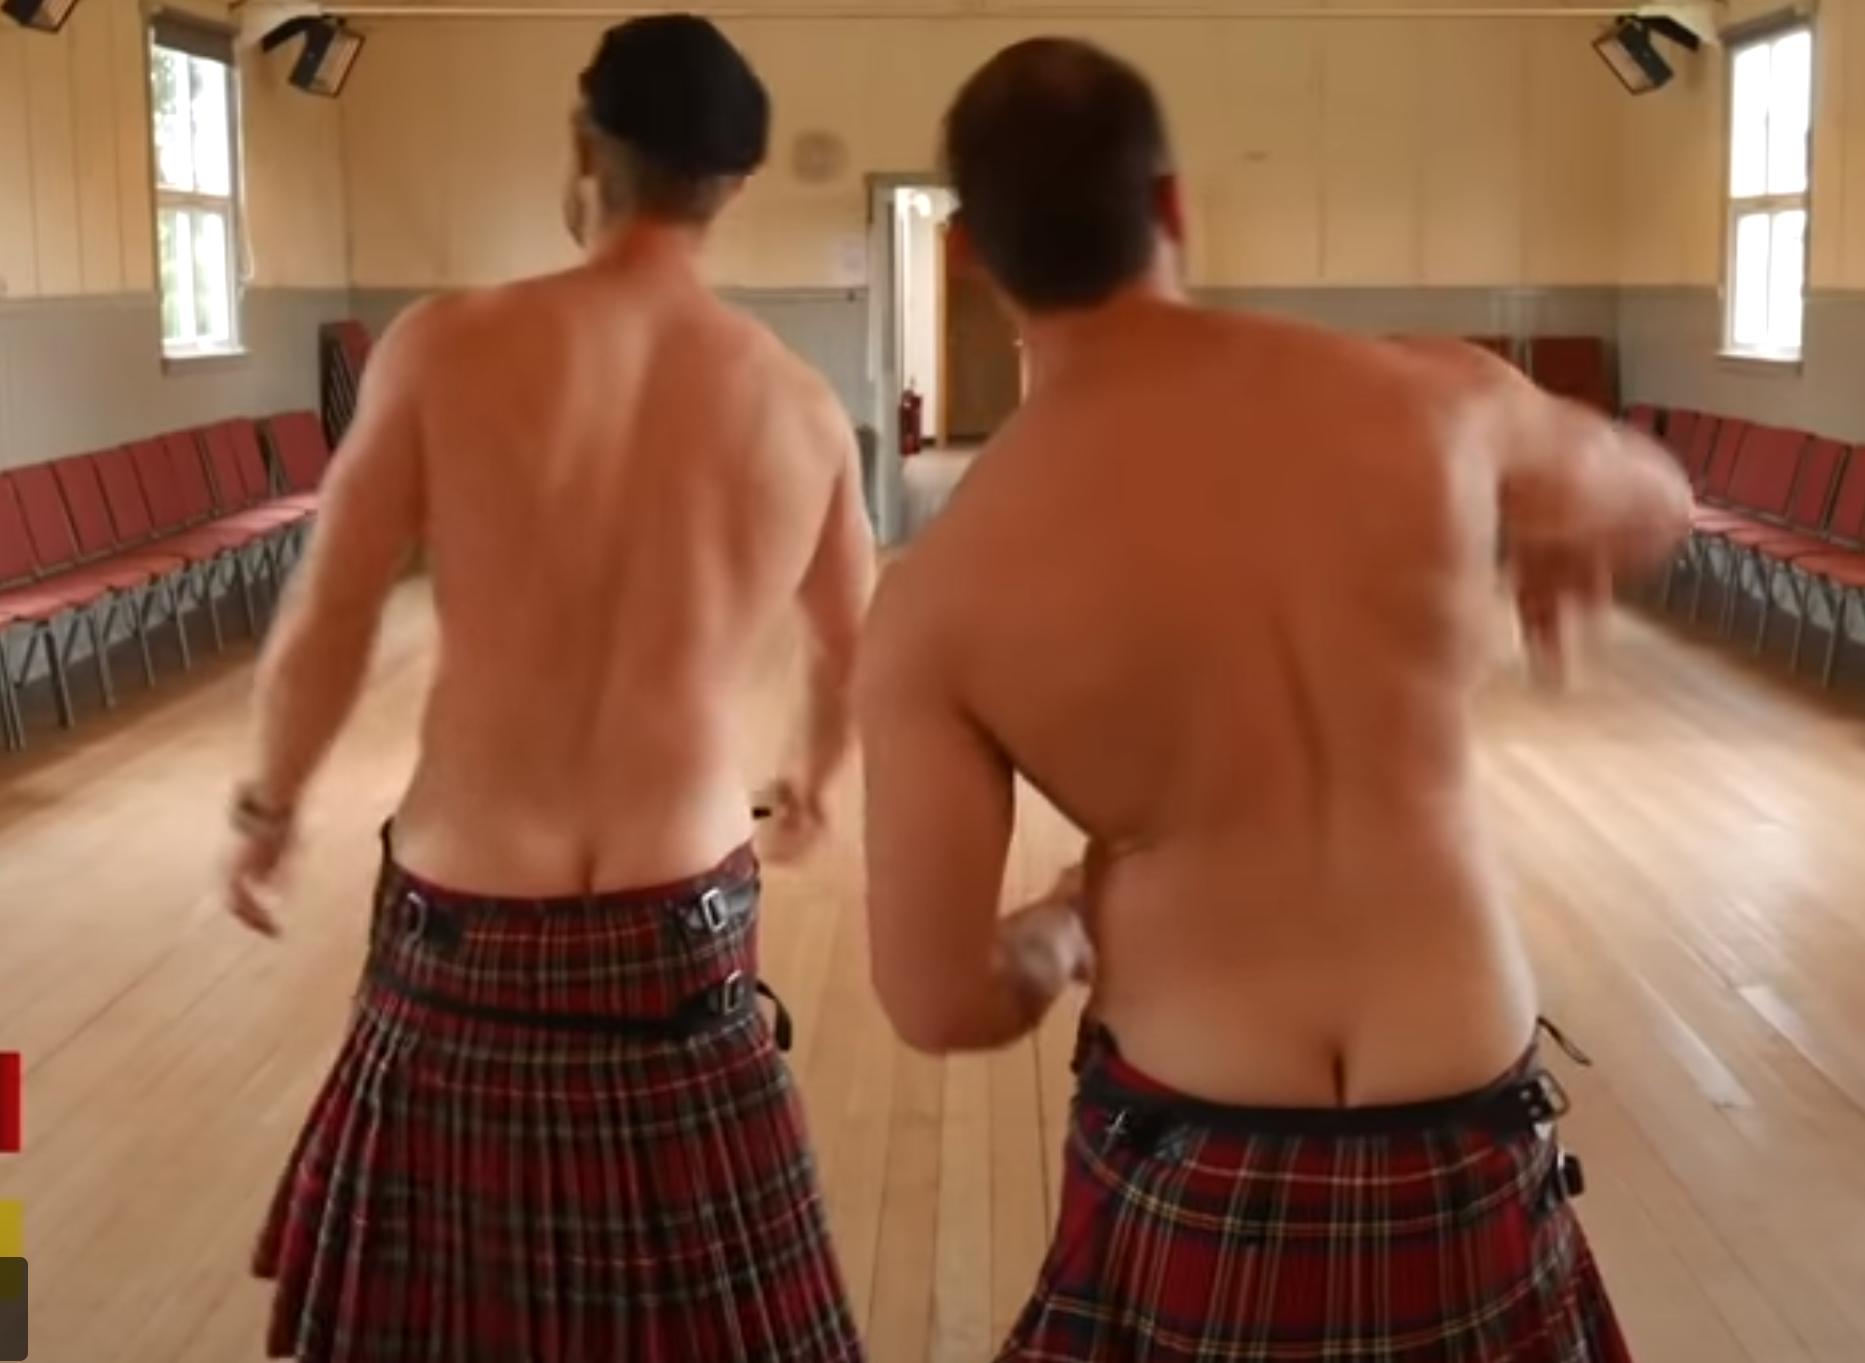 Schwule Männer in Kilts ausgesetzt